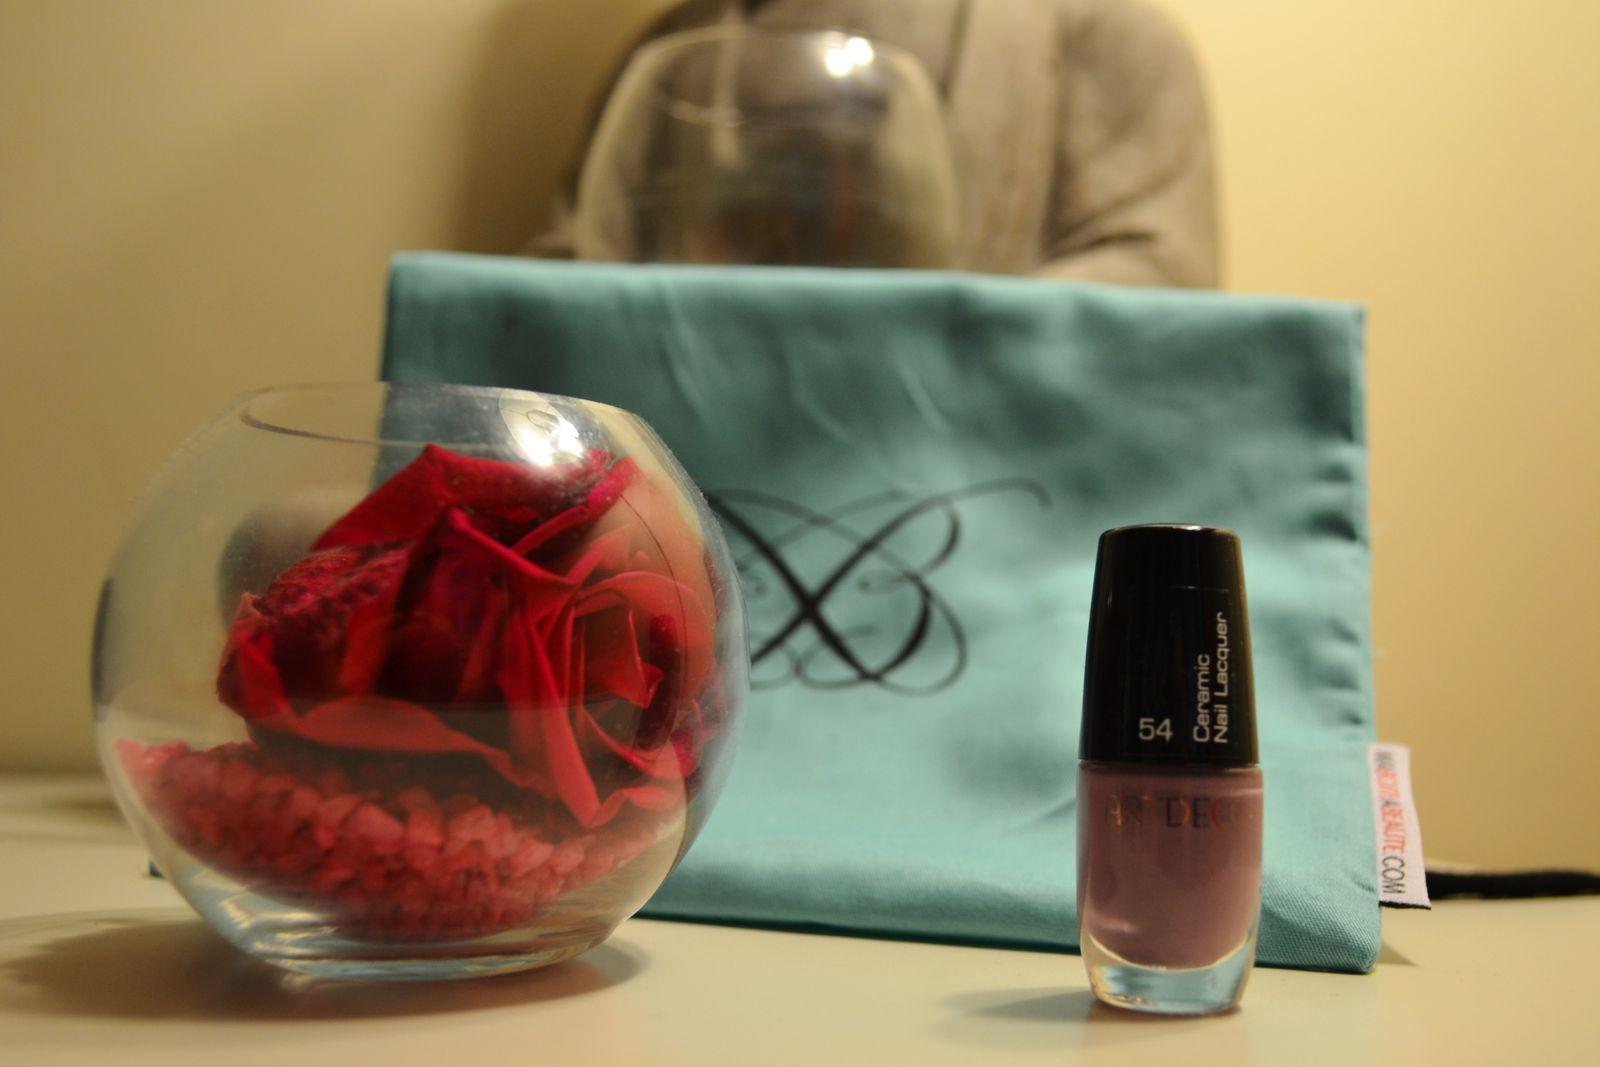 Un vernis de chez Artdeco. De ce que j'avais pu voir sur les autres blogs, certaines ont eu une couleur rose flashy. Le mien est mauve. J'adoooore les vernis&#x3B; je dois en avoir une cinquantaine (sans déconner lol).